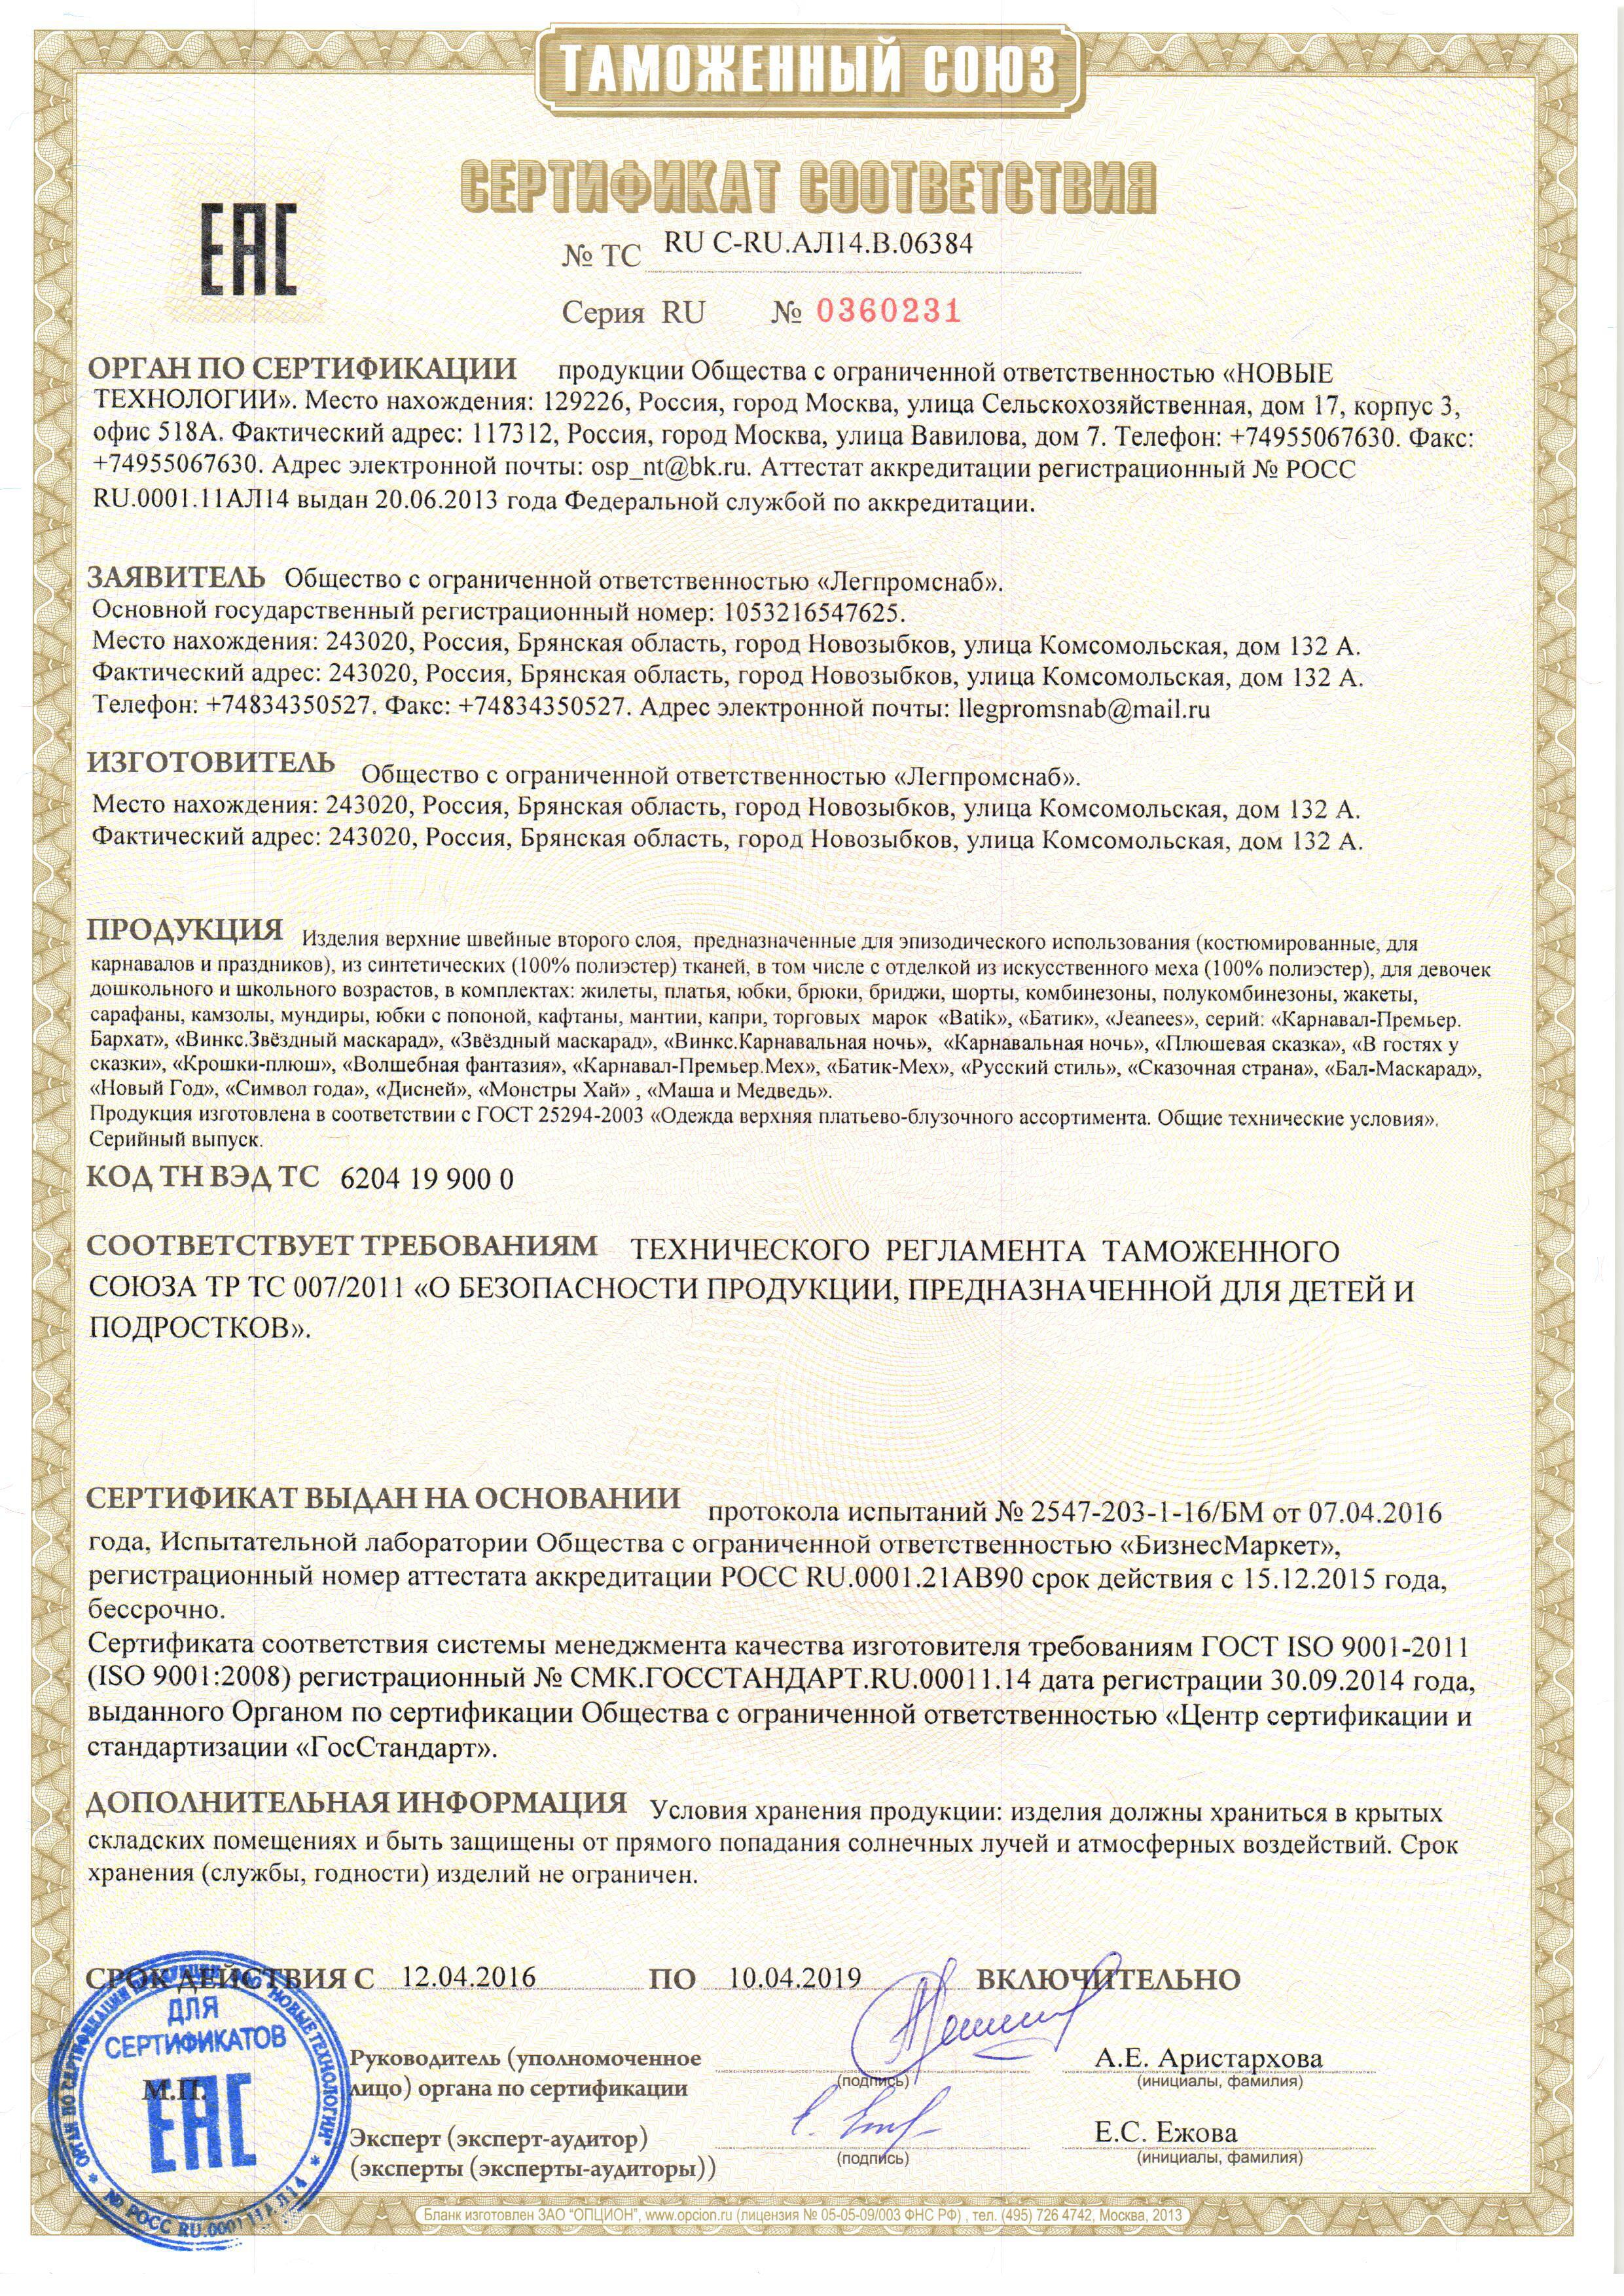 Сертификаты-3.jpg